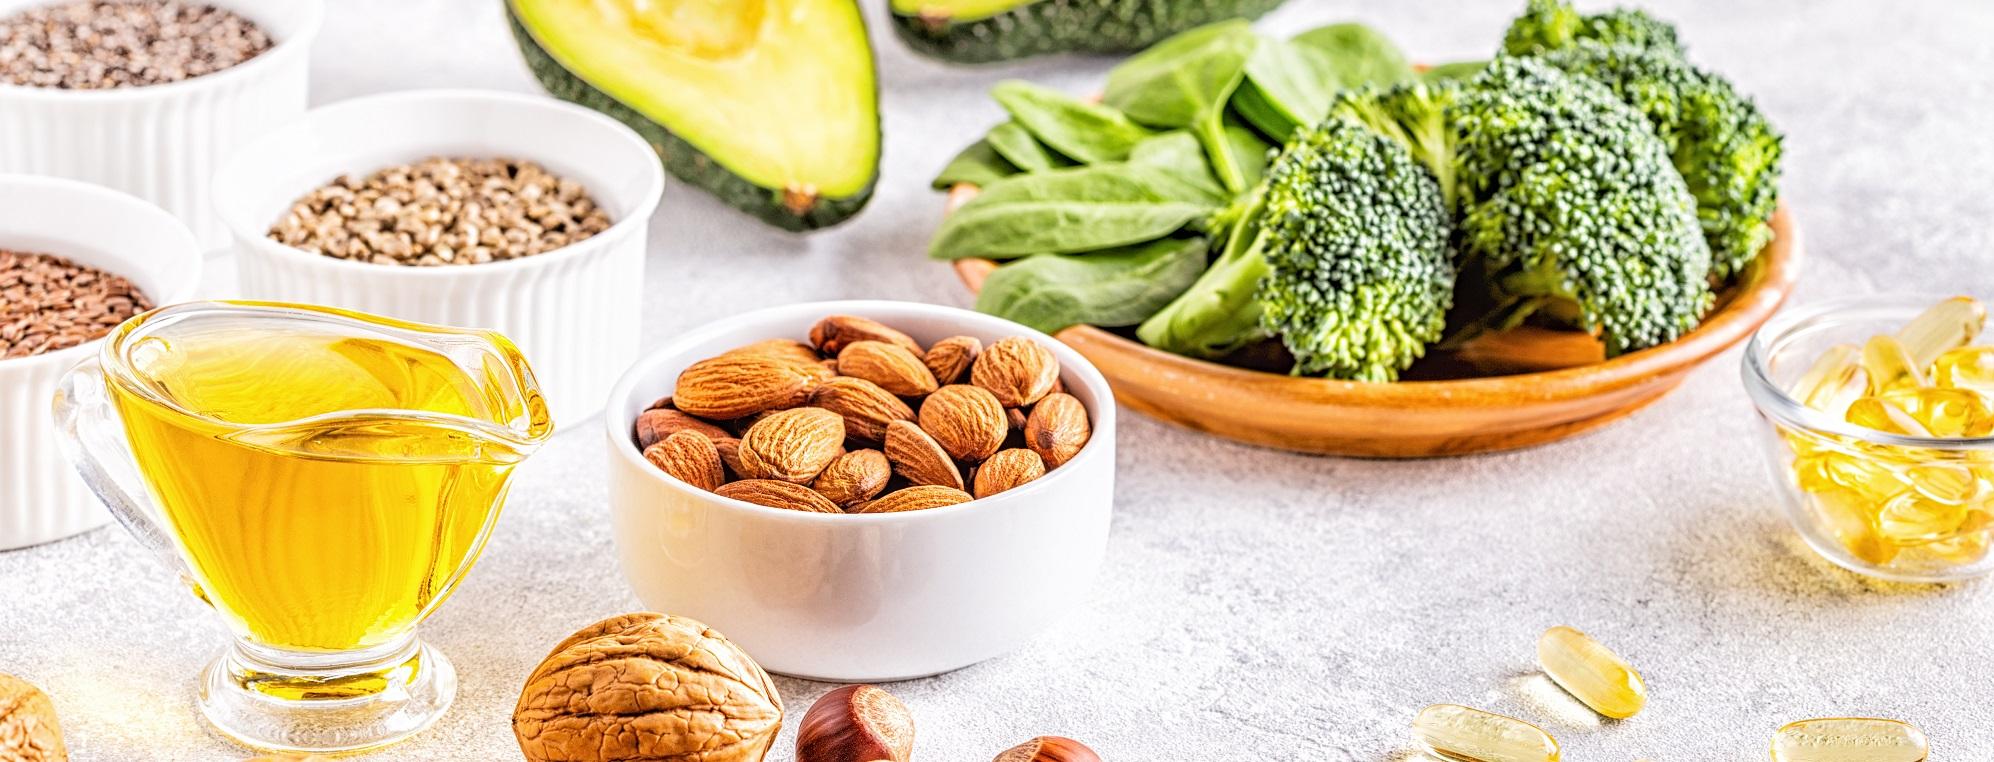 Estrogen-Rich Foods: Five Foods High in Estrogen